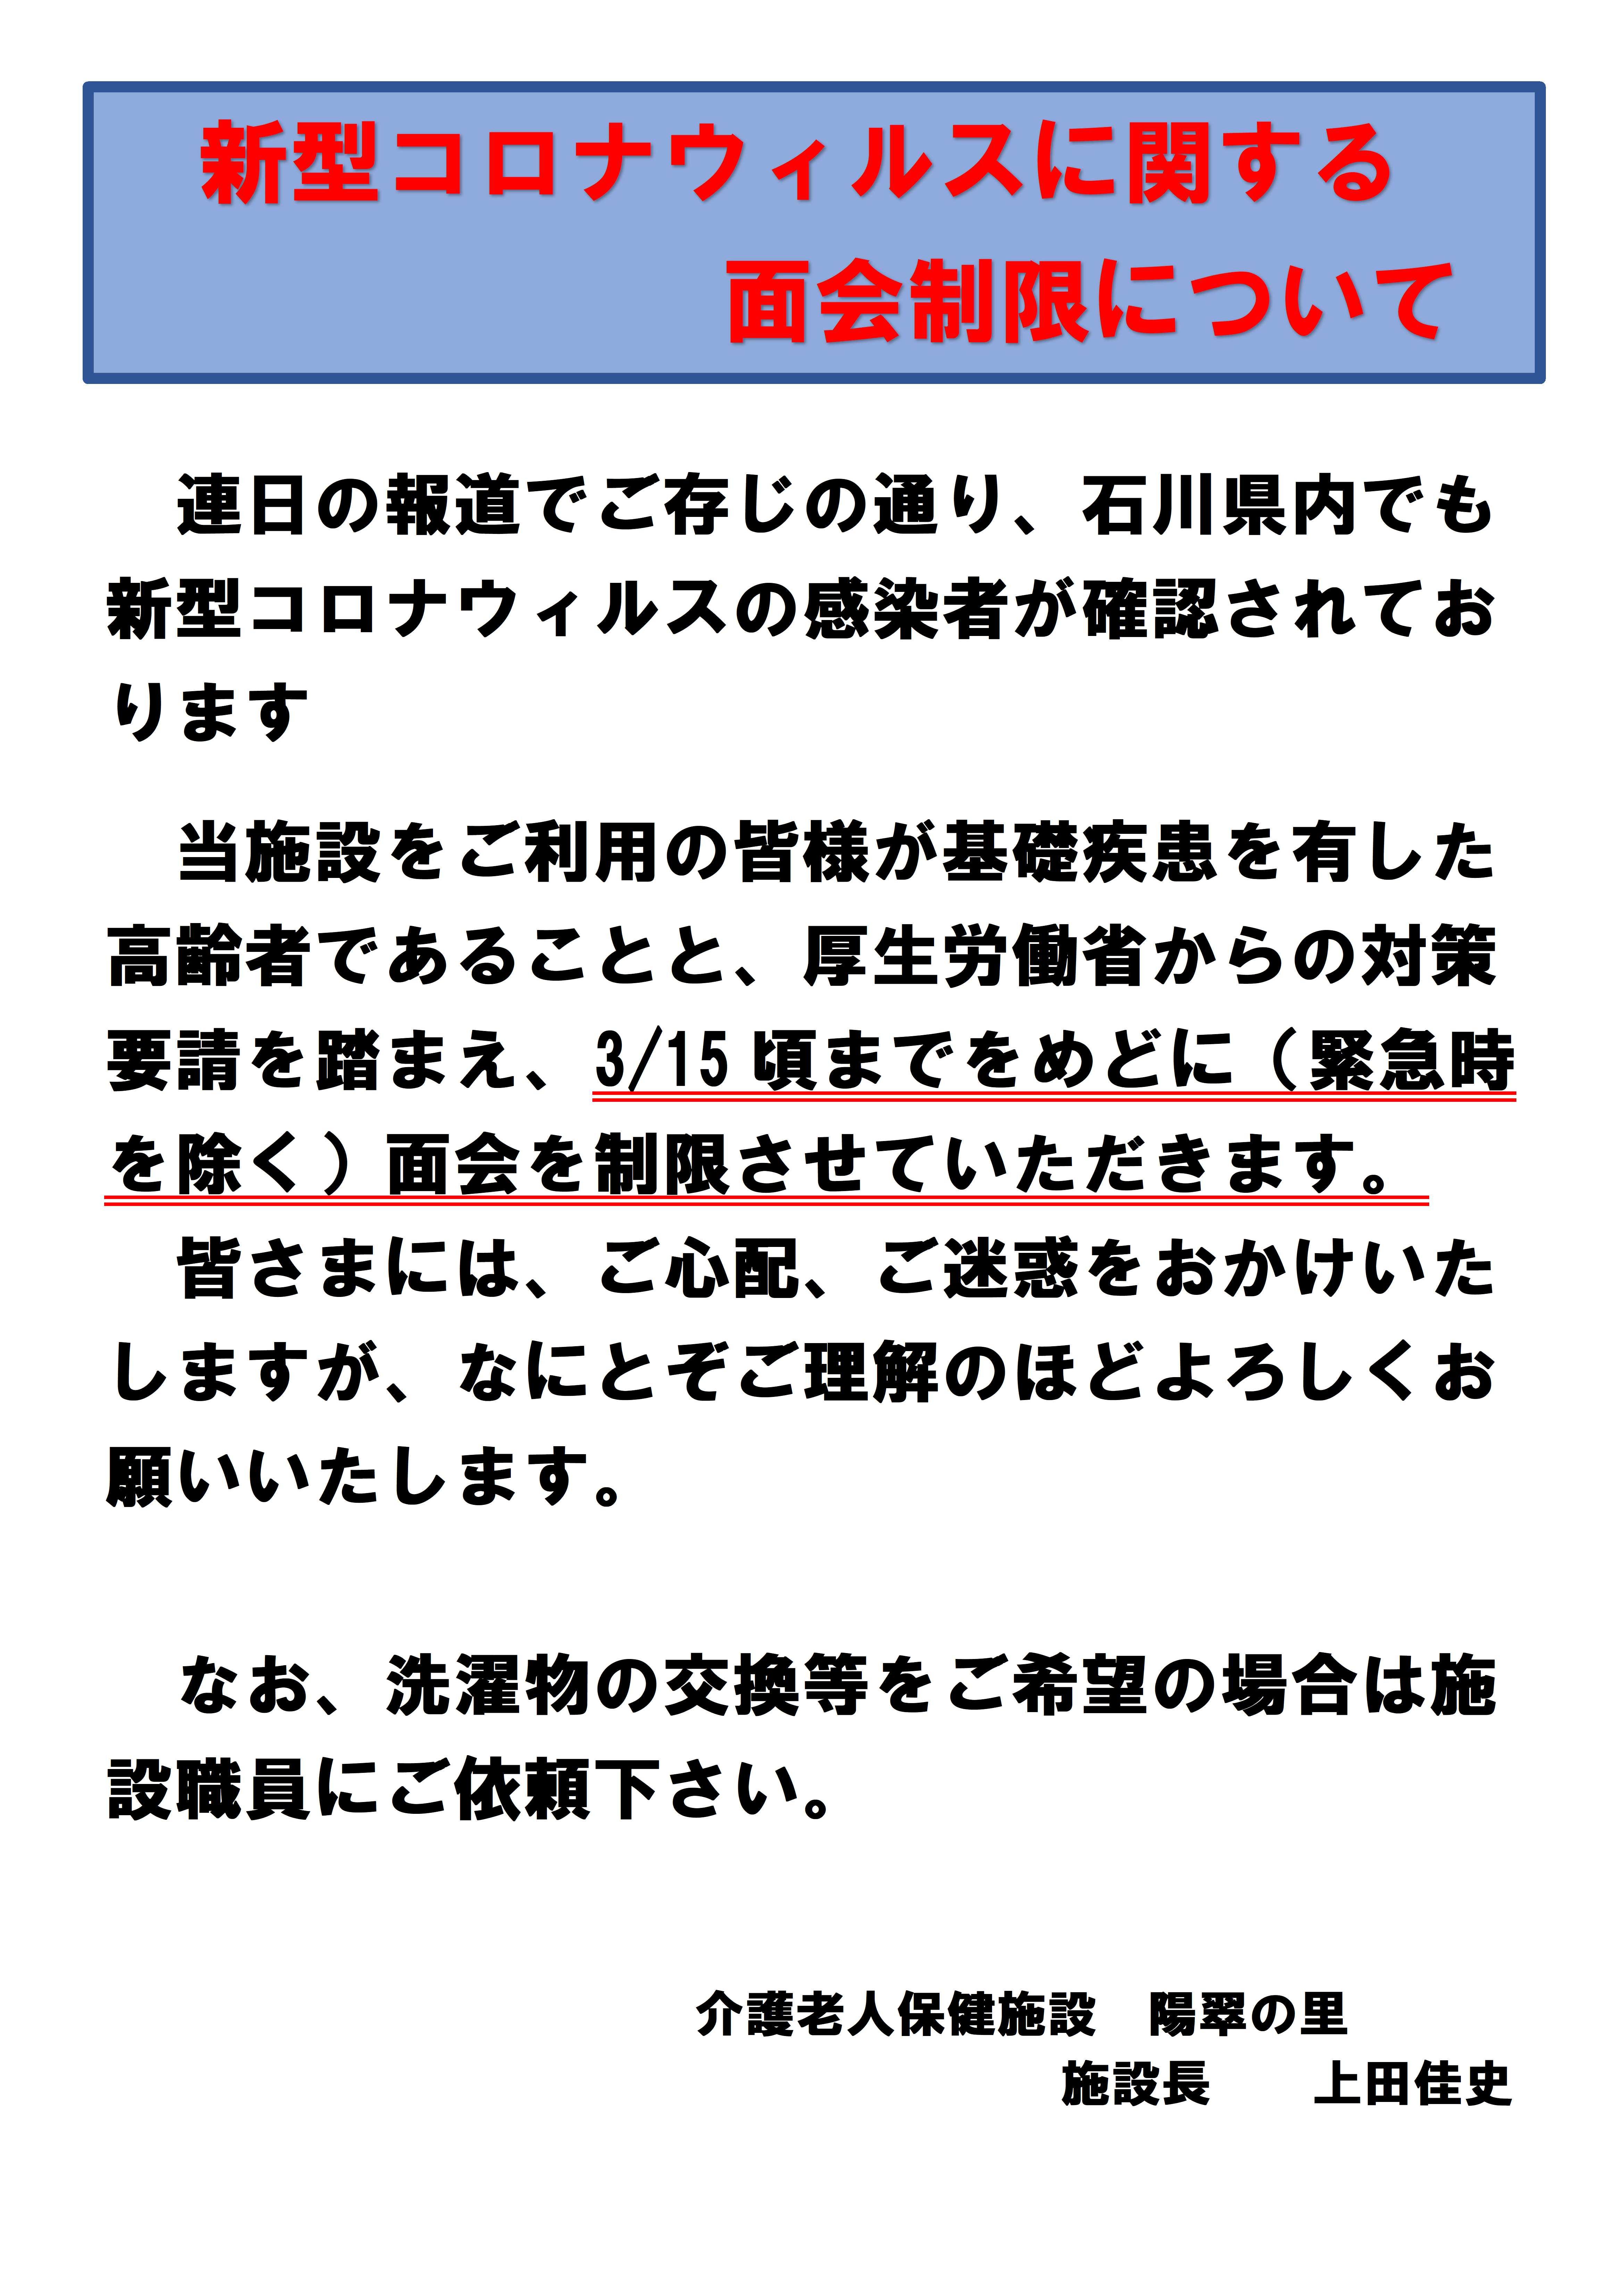 コロナ 県 石川 新型 ウイルス 感染 者